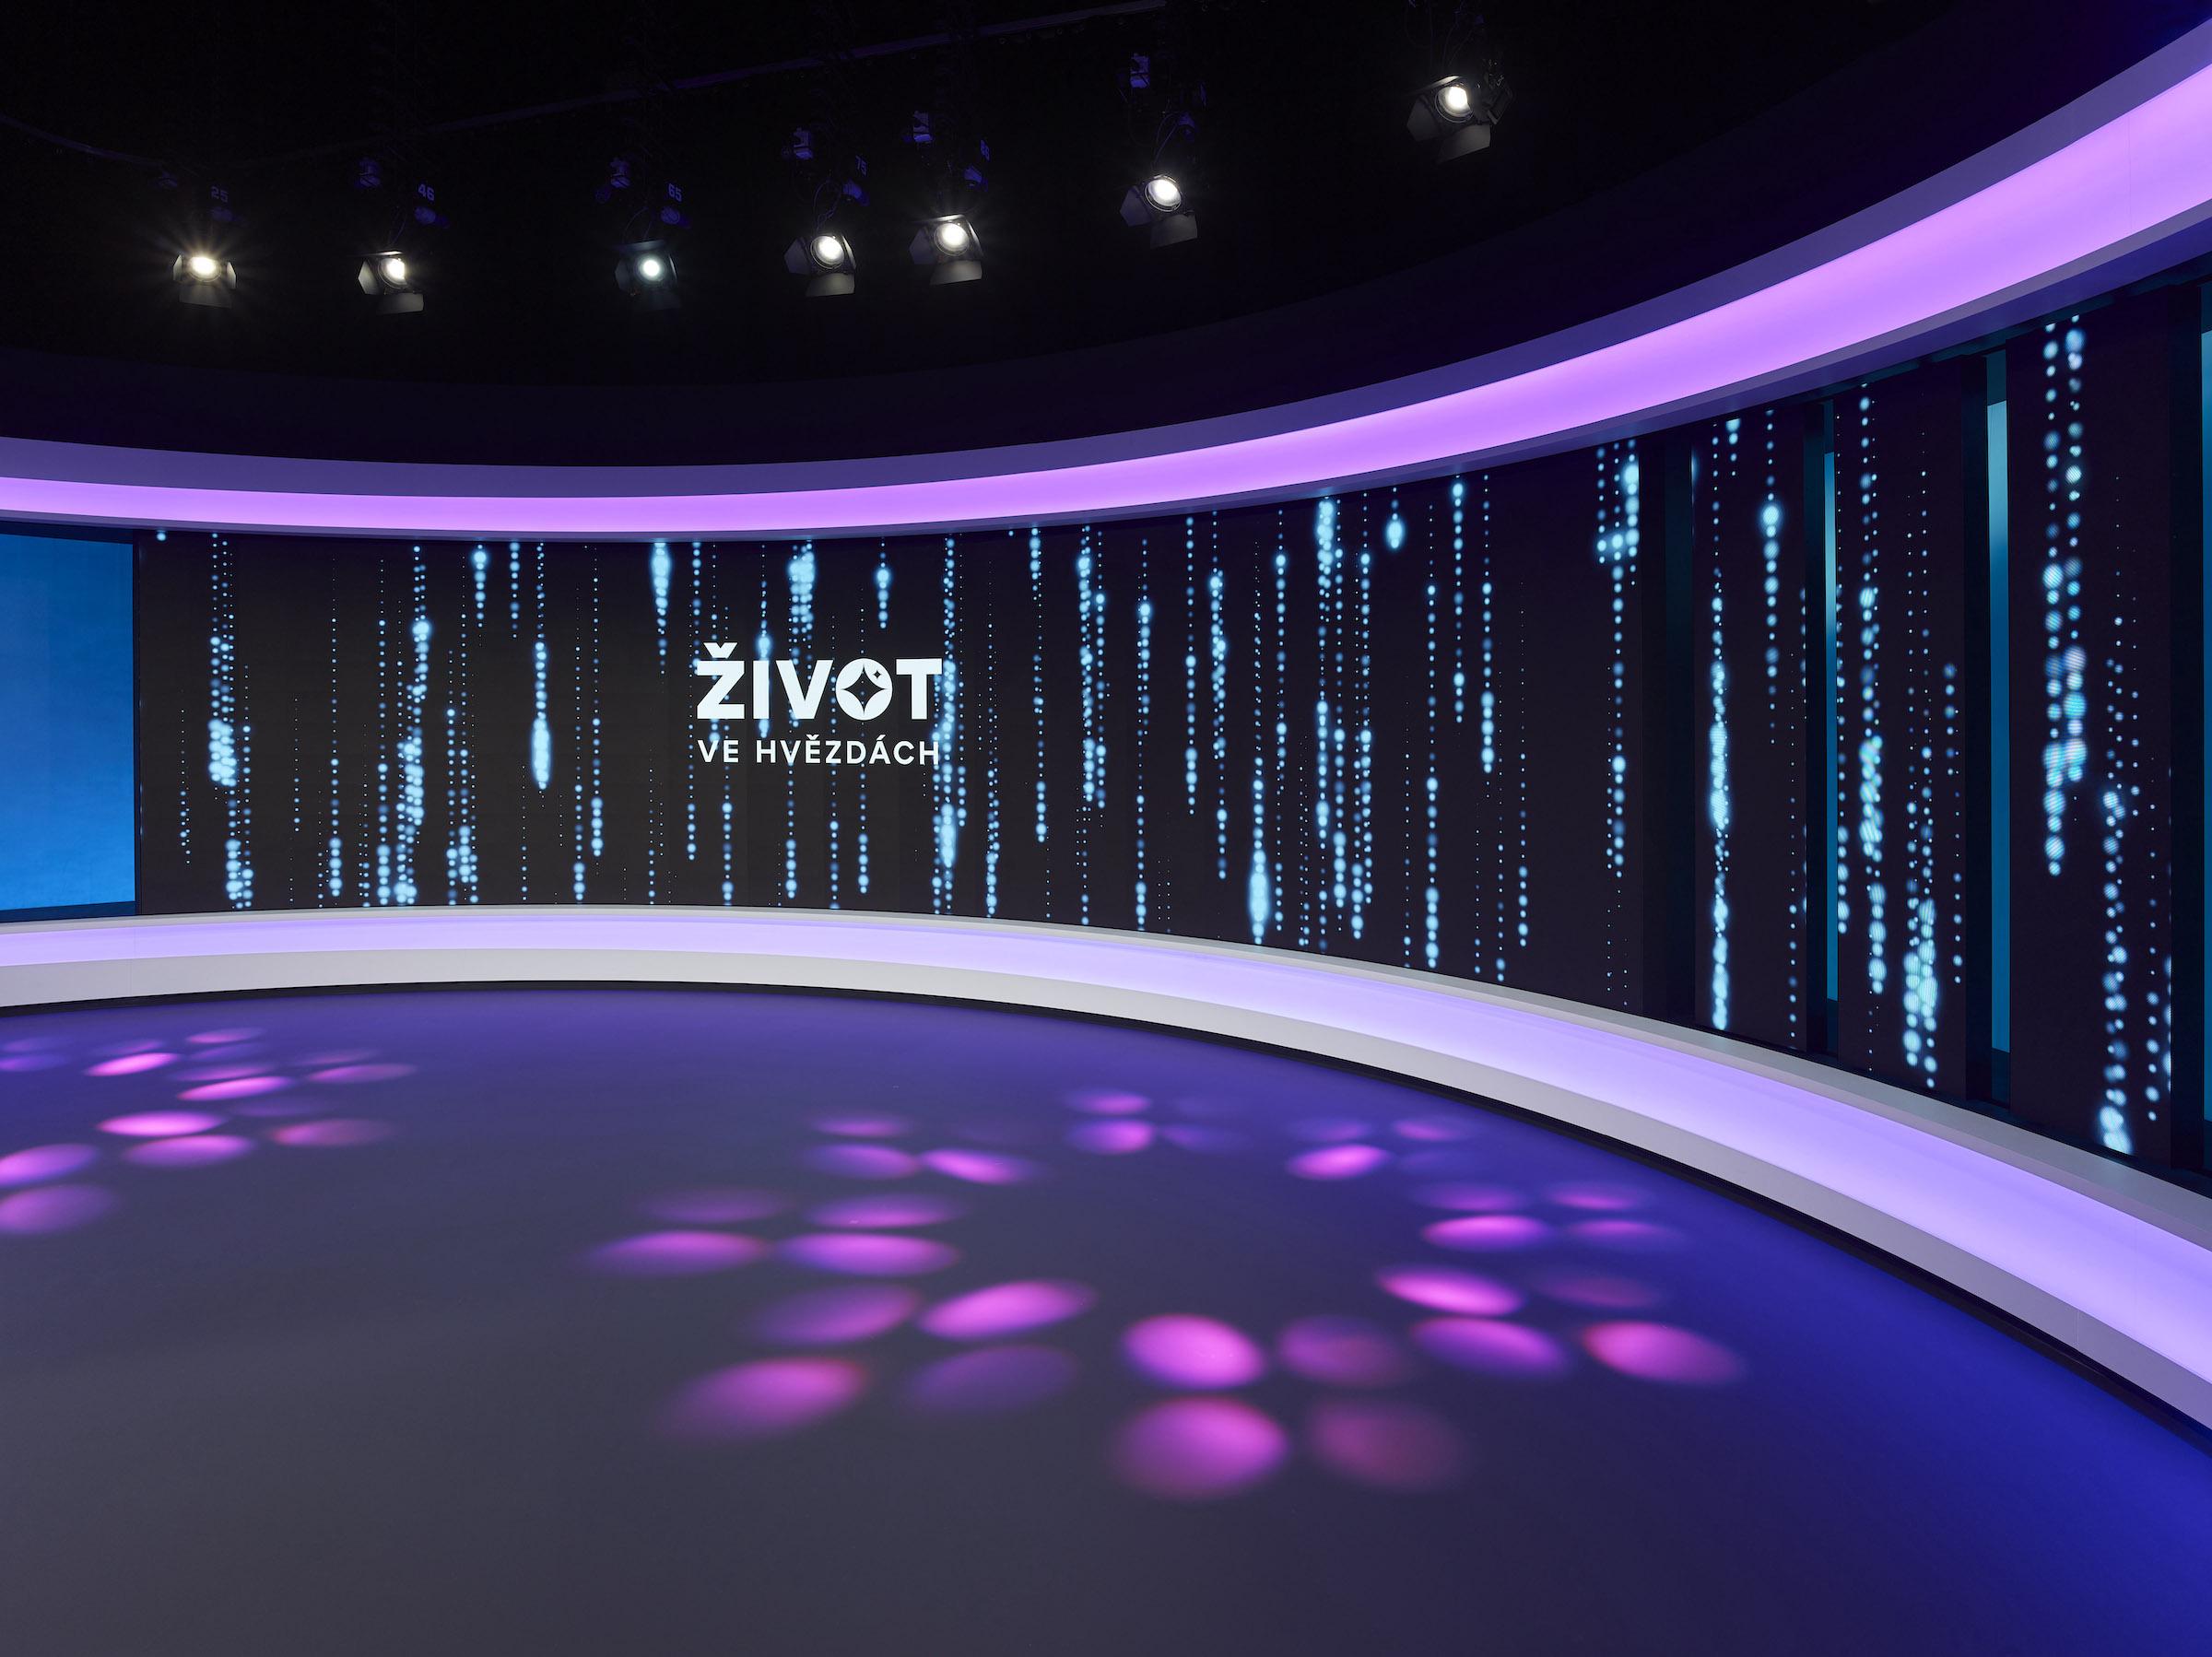 Nové studio lze vizuálně uzpůsobit i pro jiné pořady